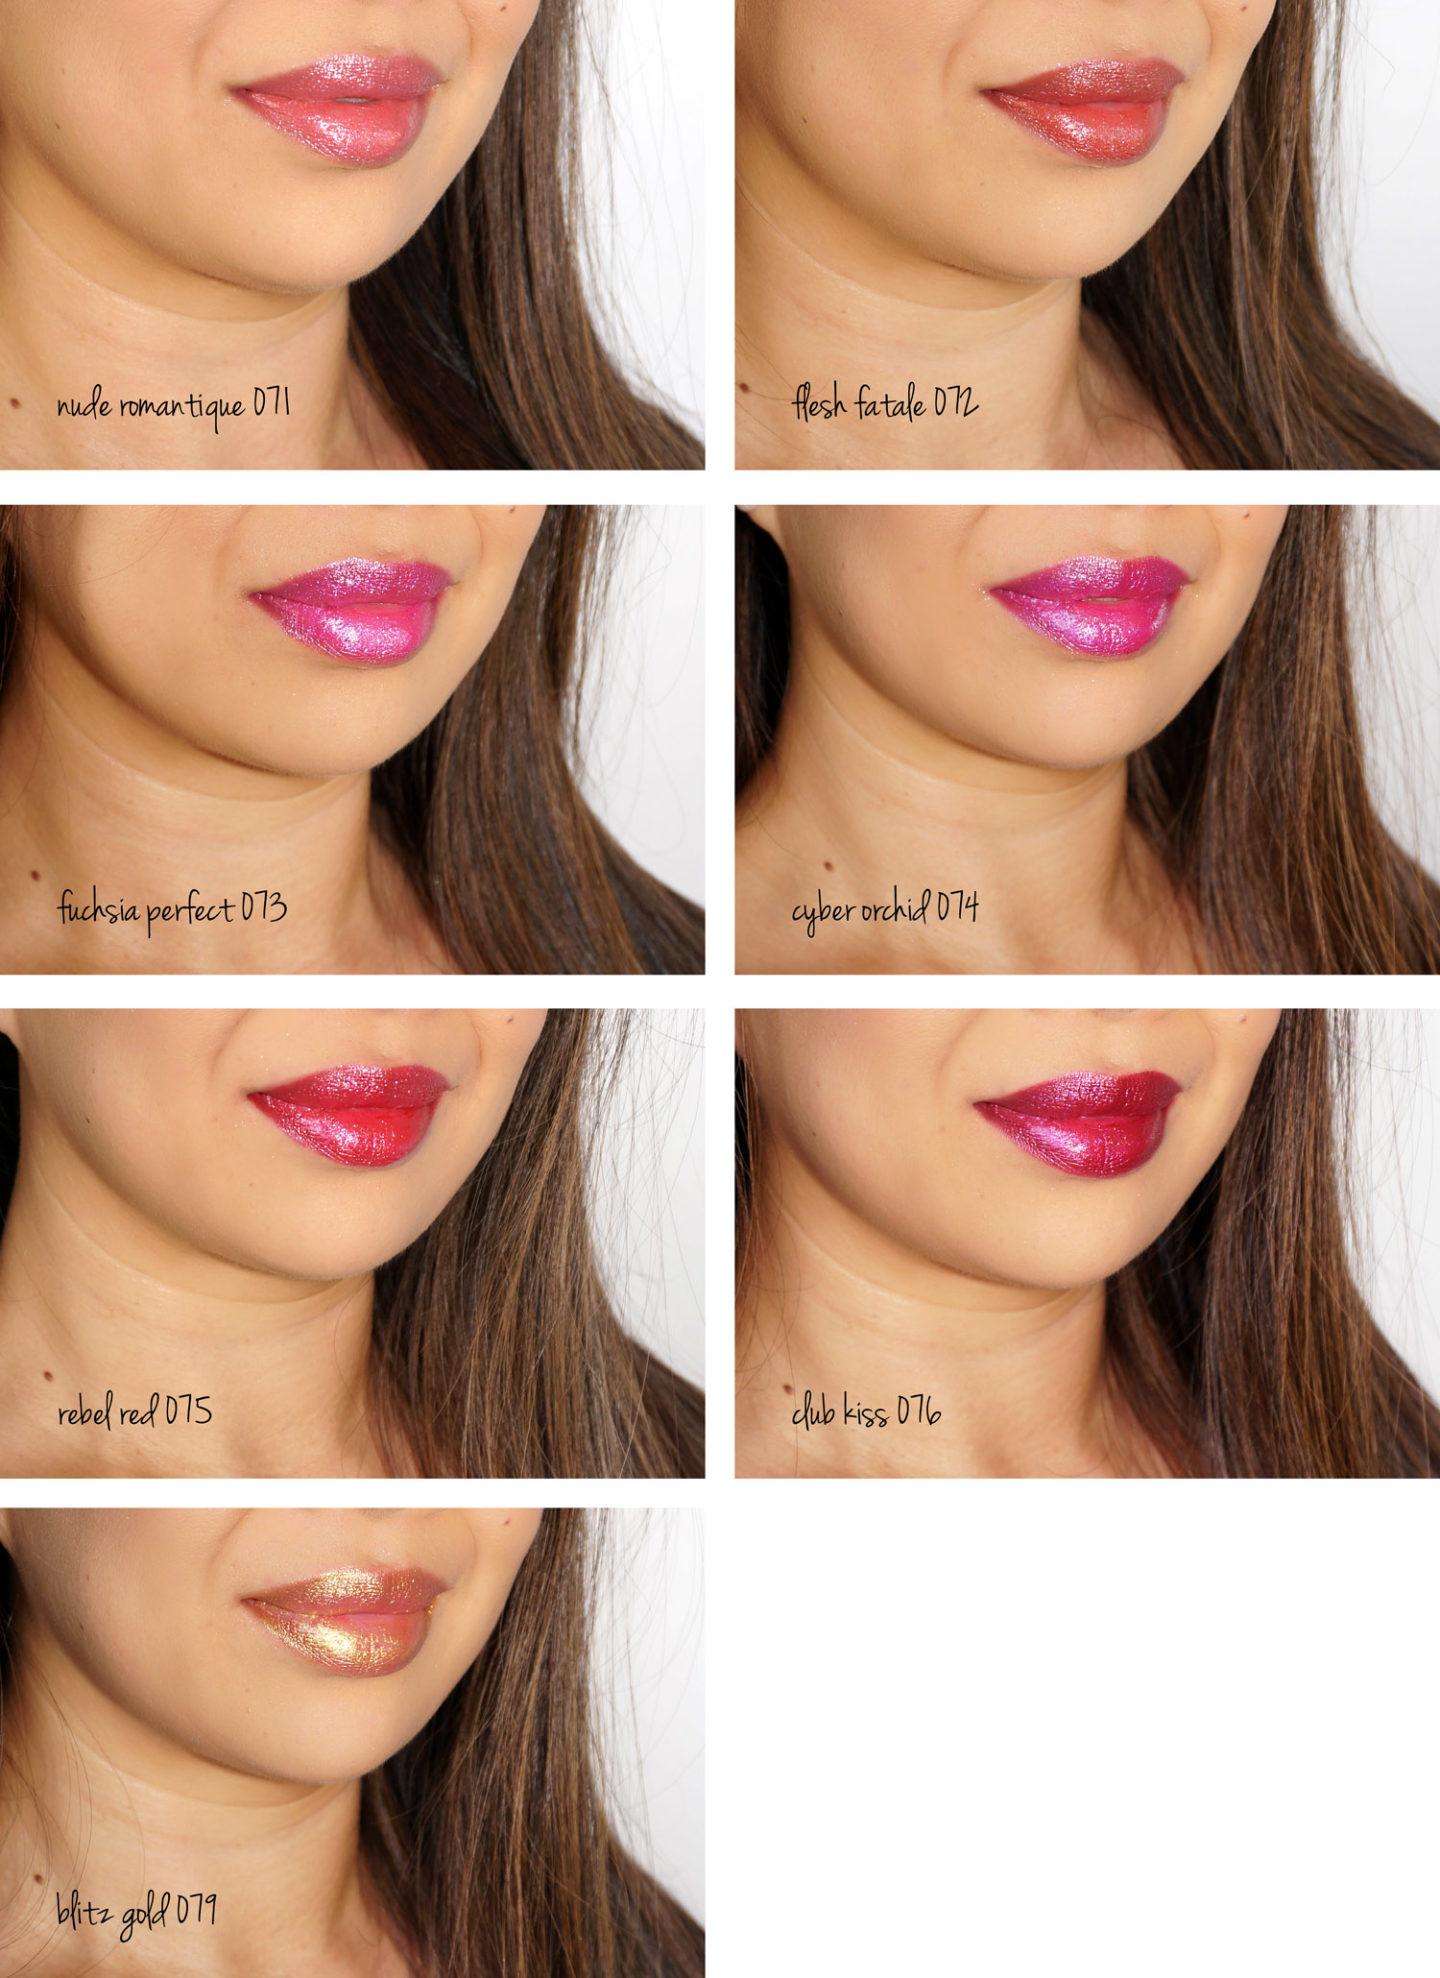 Échantillons de rouge à lèvres BlitzTrance de Pat McGrath Labs